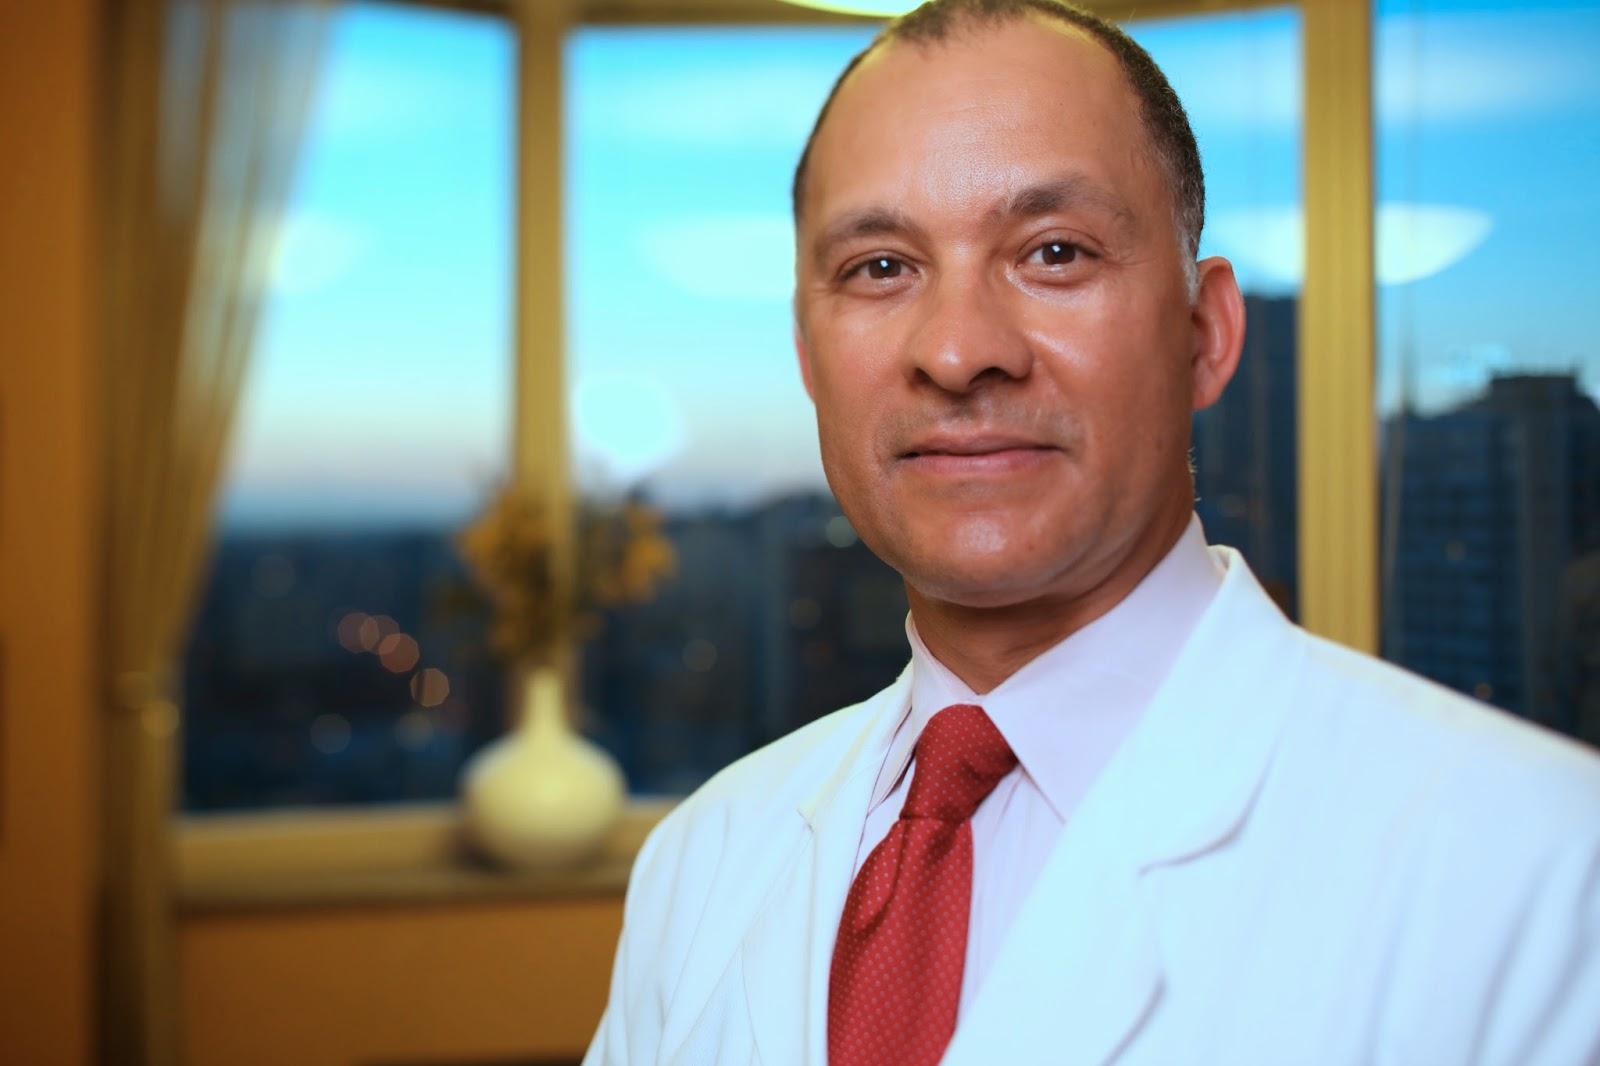 Miguel Delgado,MD San Jose Gynecomastia Specialist